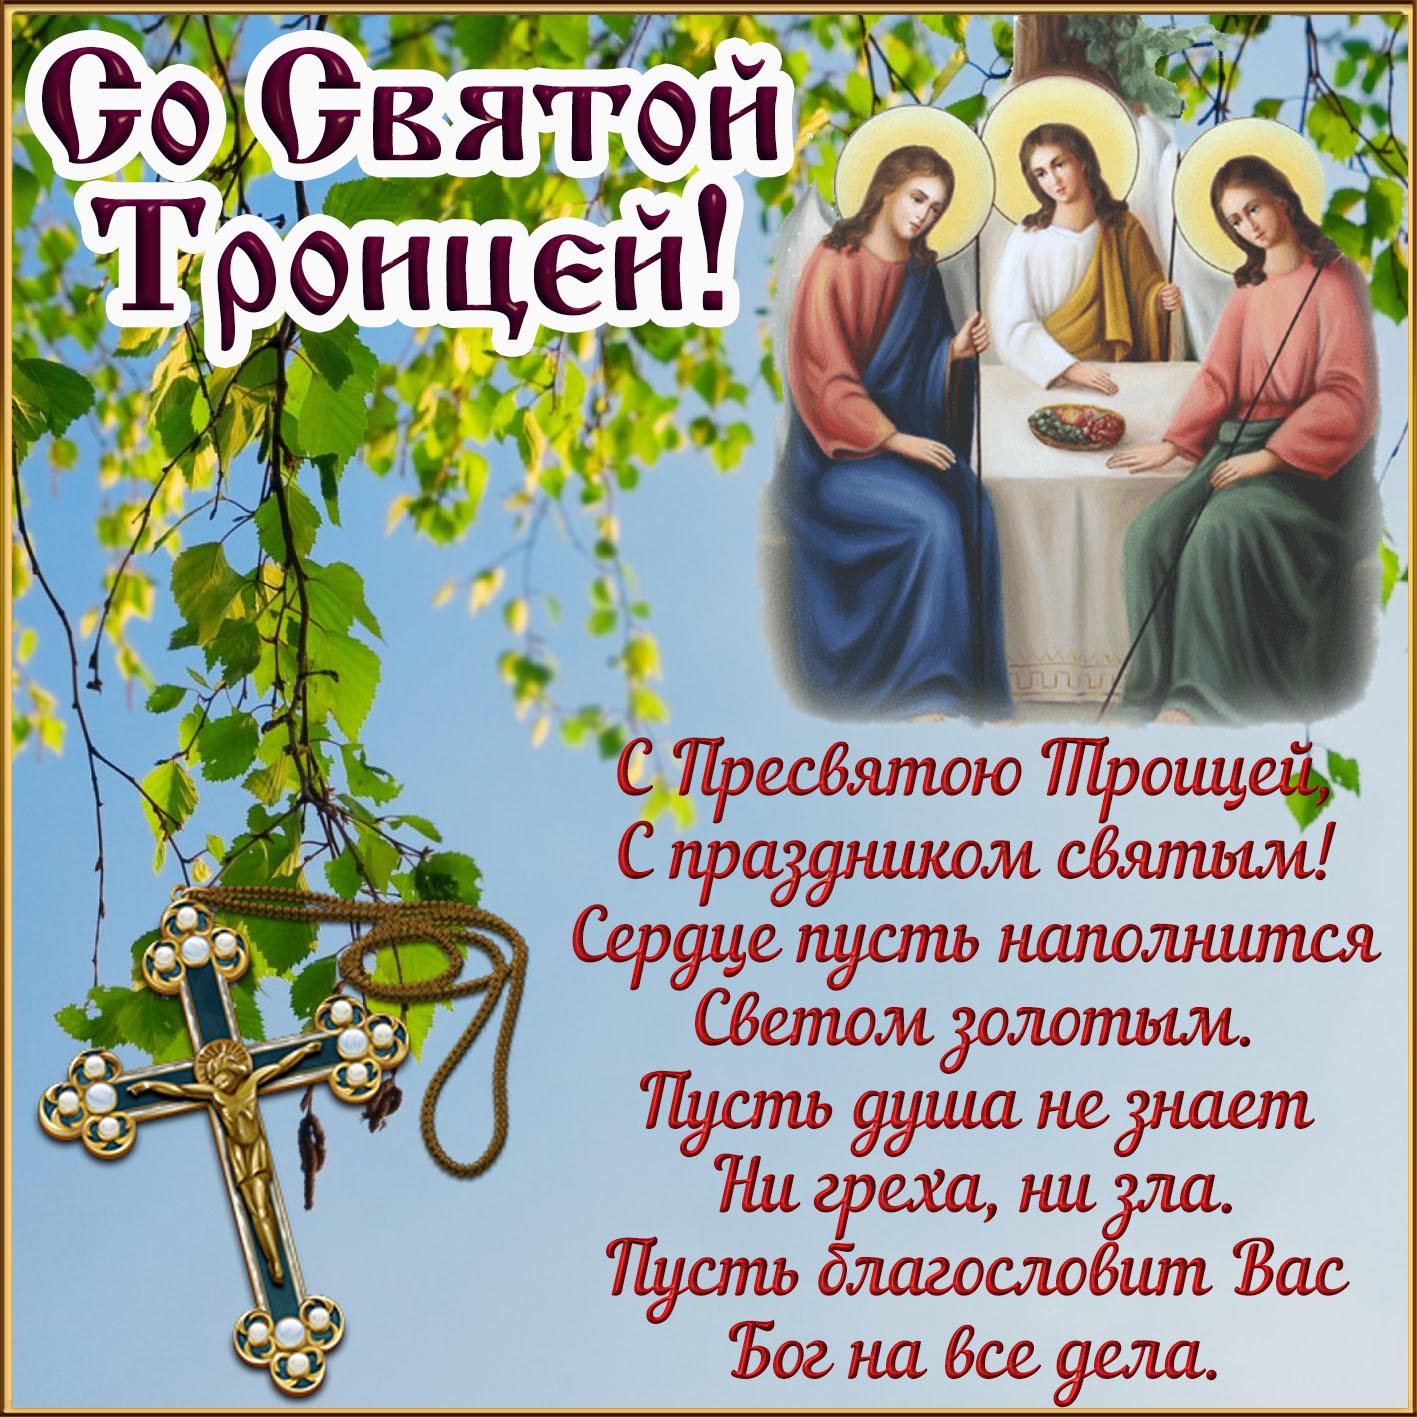 Поздравление с троицей открытки, любимому открытку